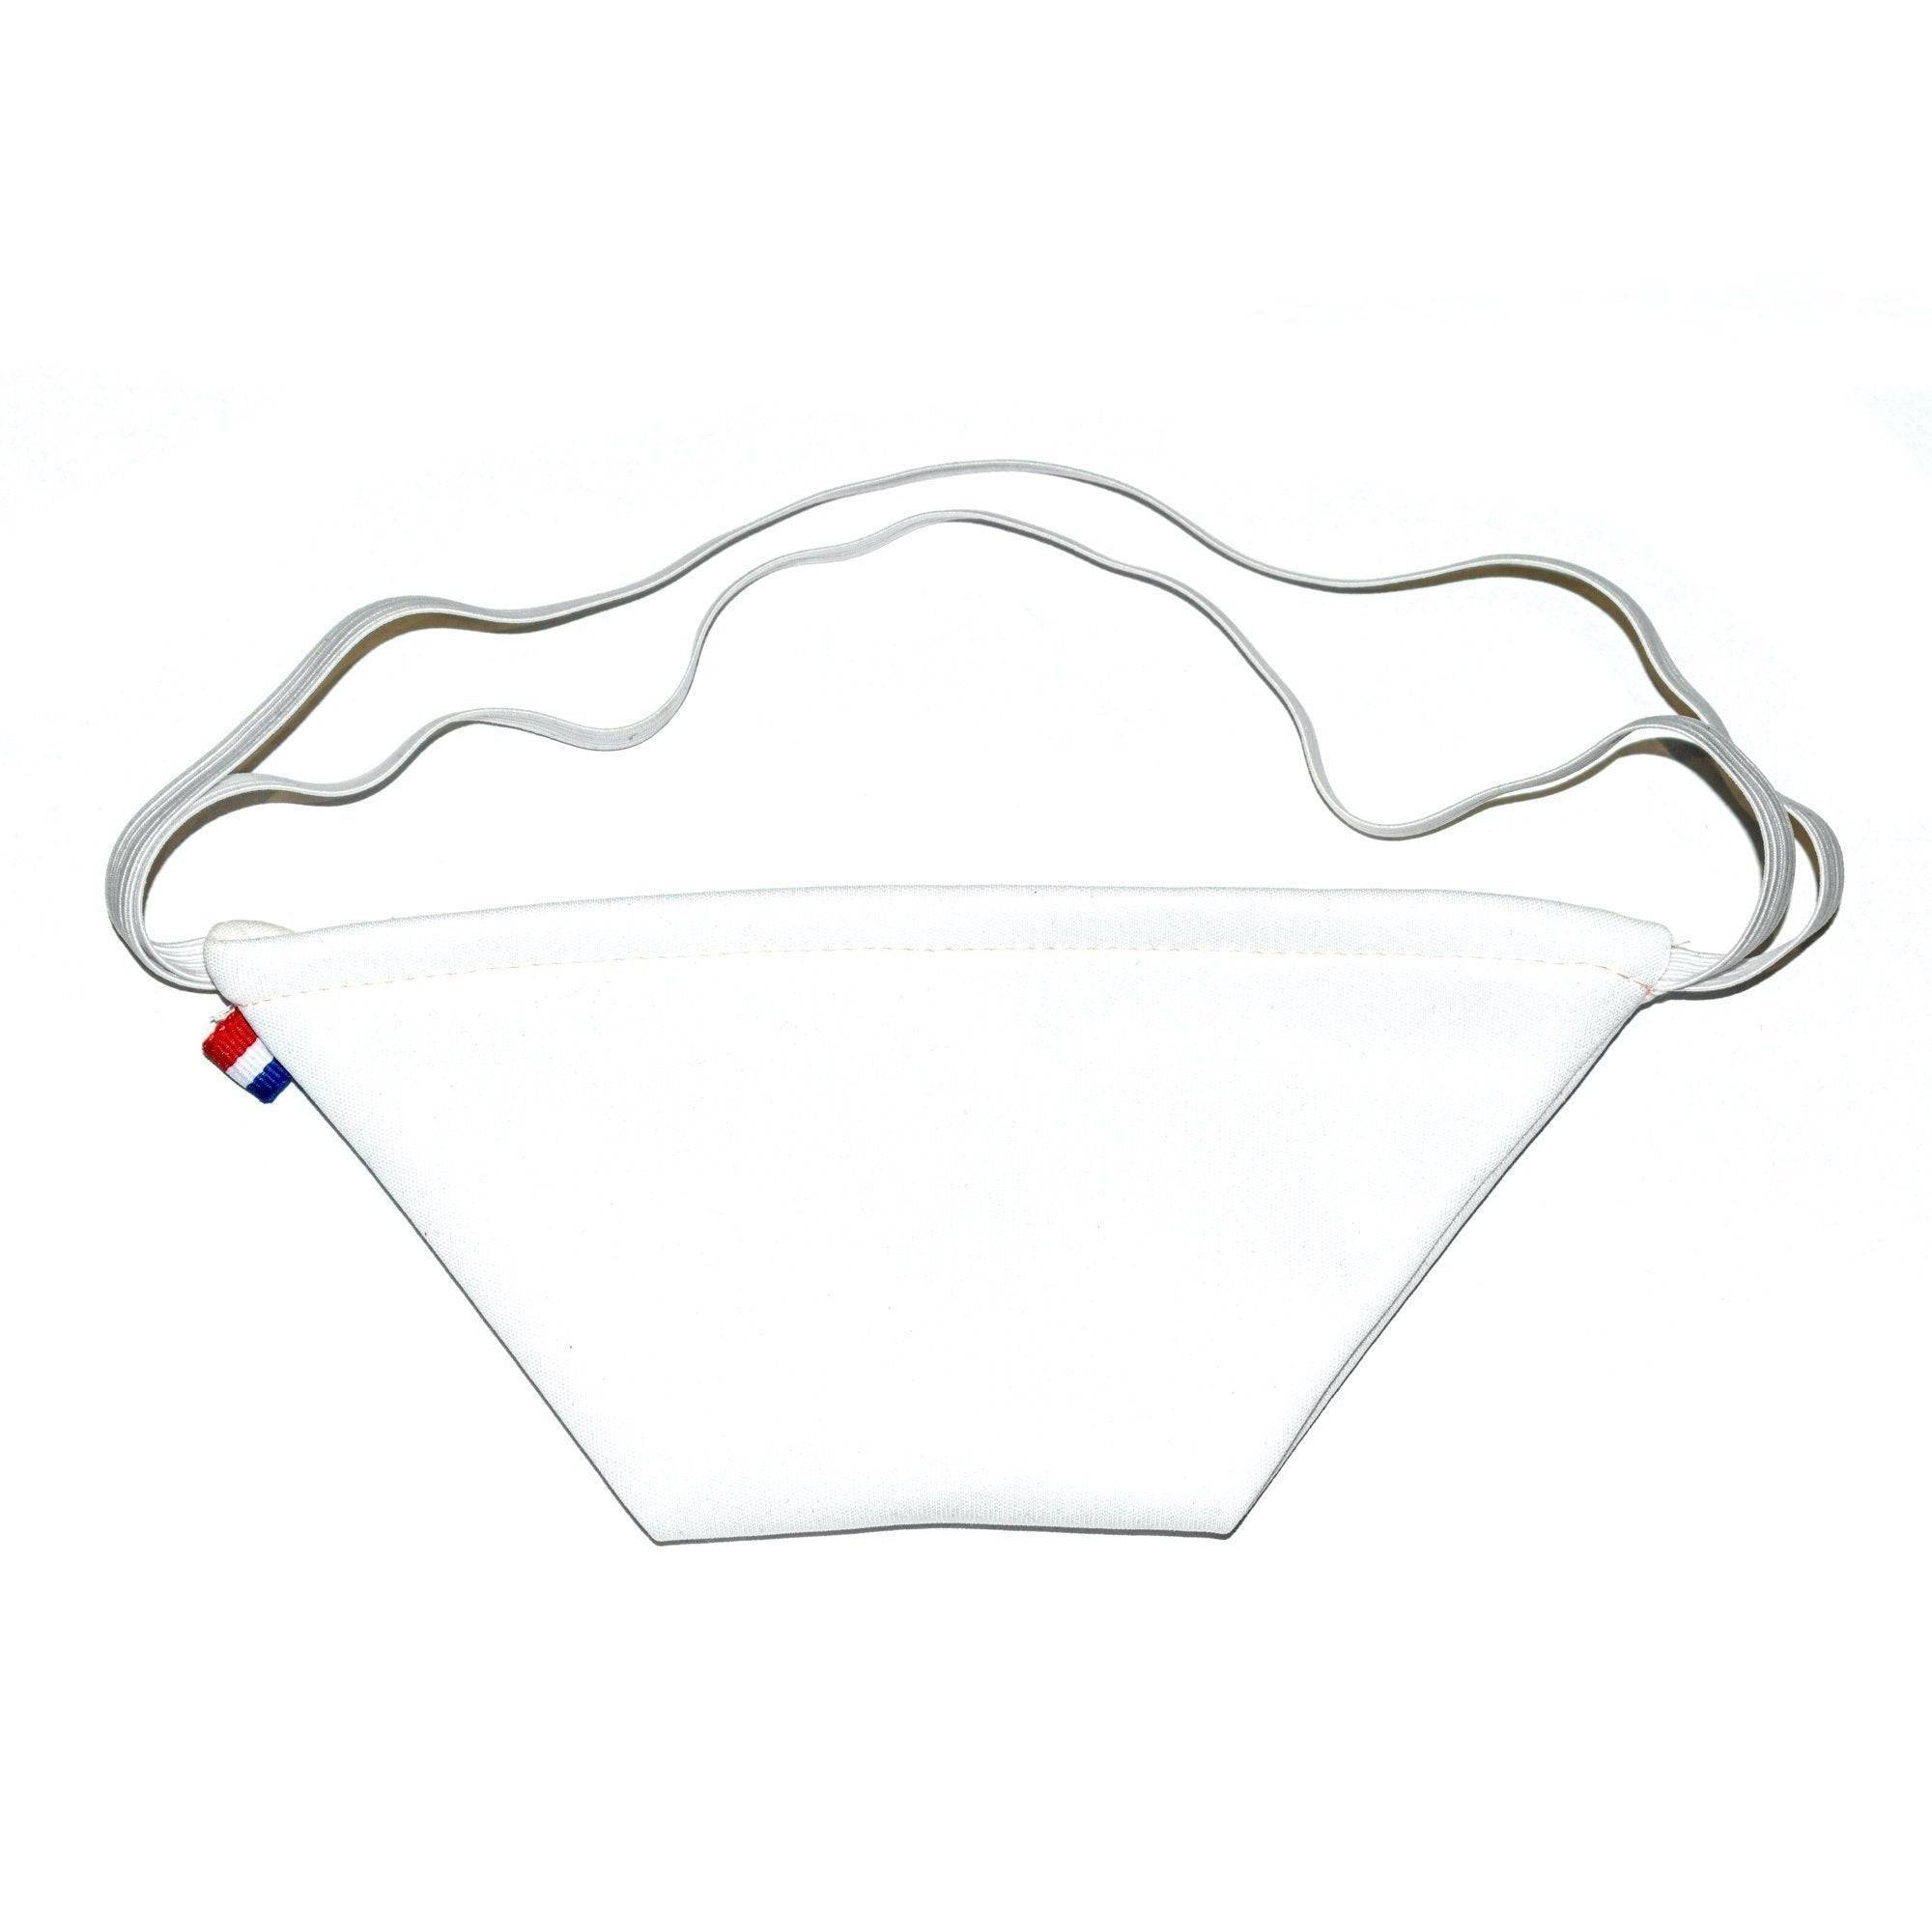 MASQUES DIRECT 10 Masques barrière bec de canard en tissu lavable réutilisable blanc - testé 40 lavages